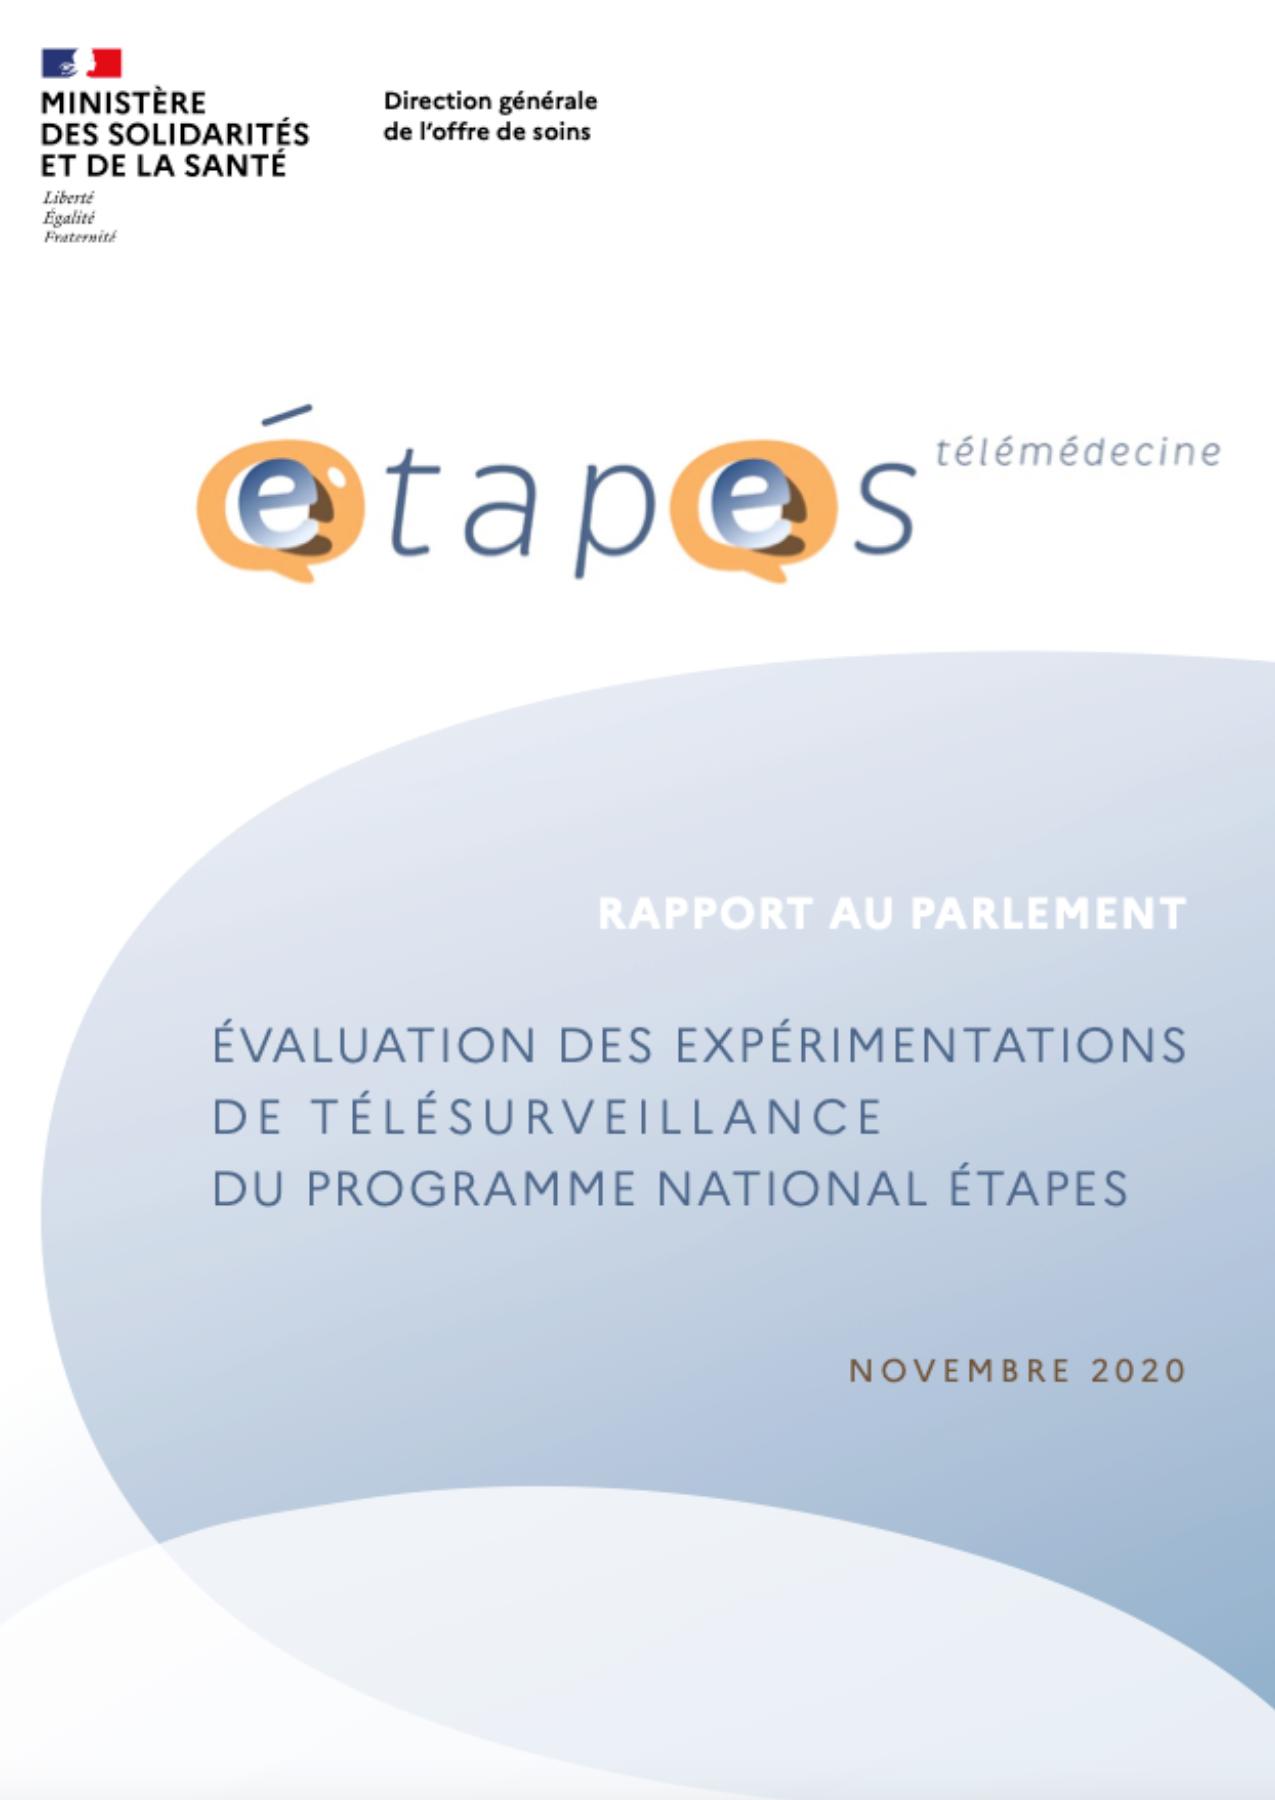 Rapport au parlement évaluation des expérimentations de télésurveillance du programme  national étapes